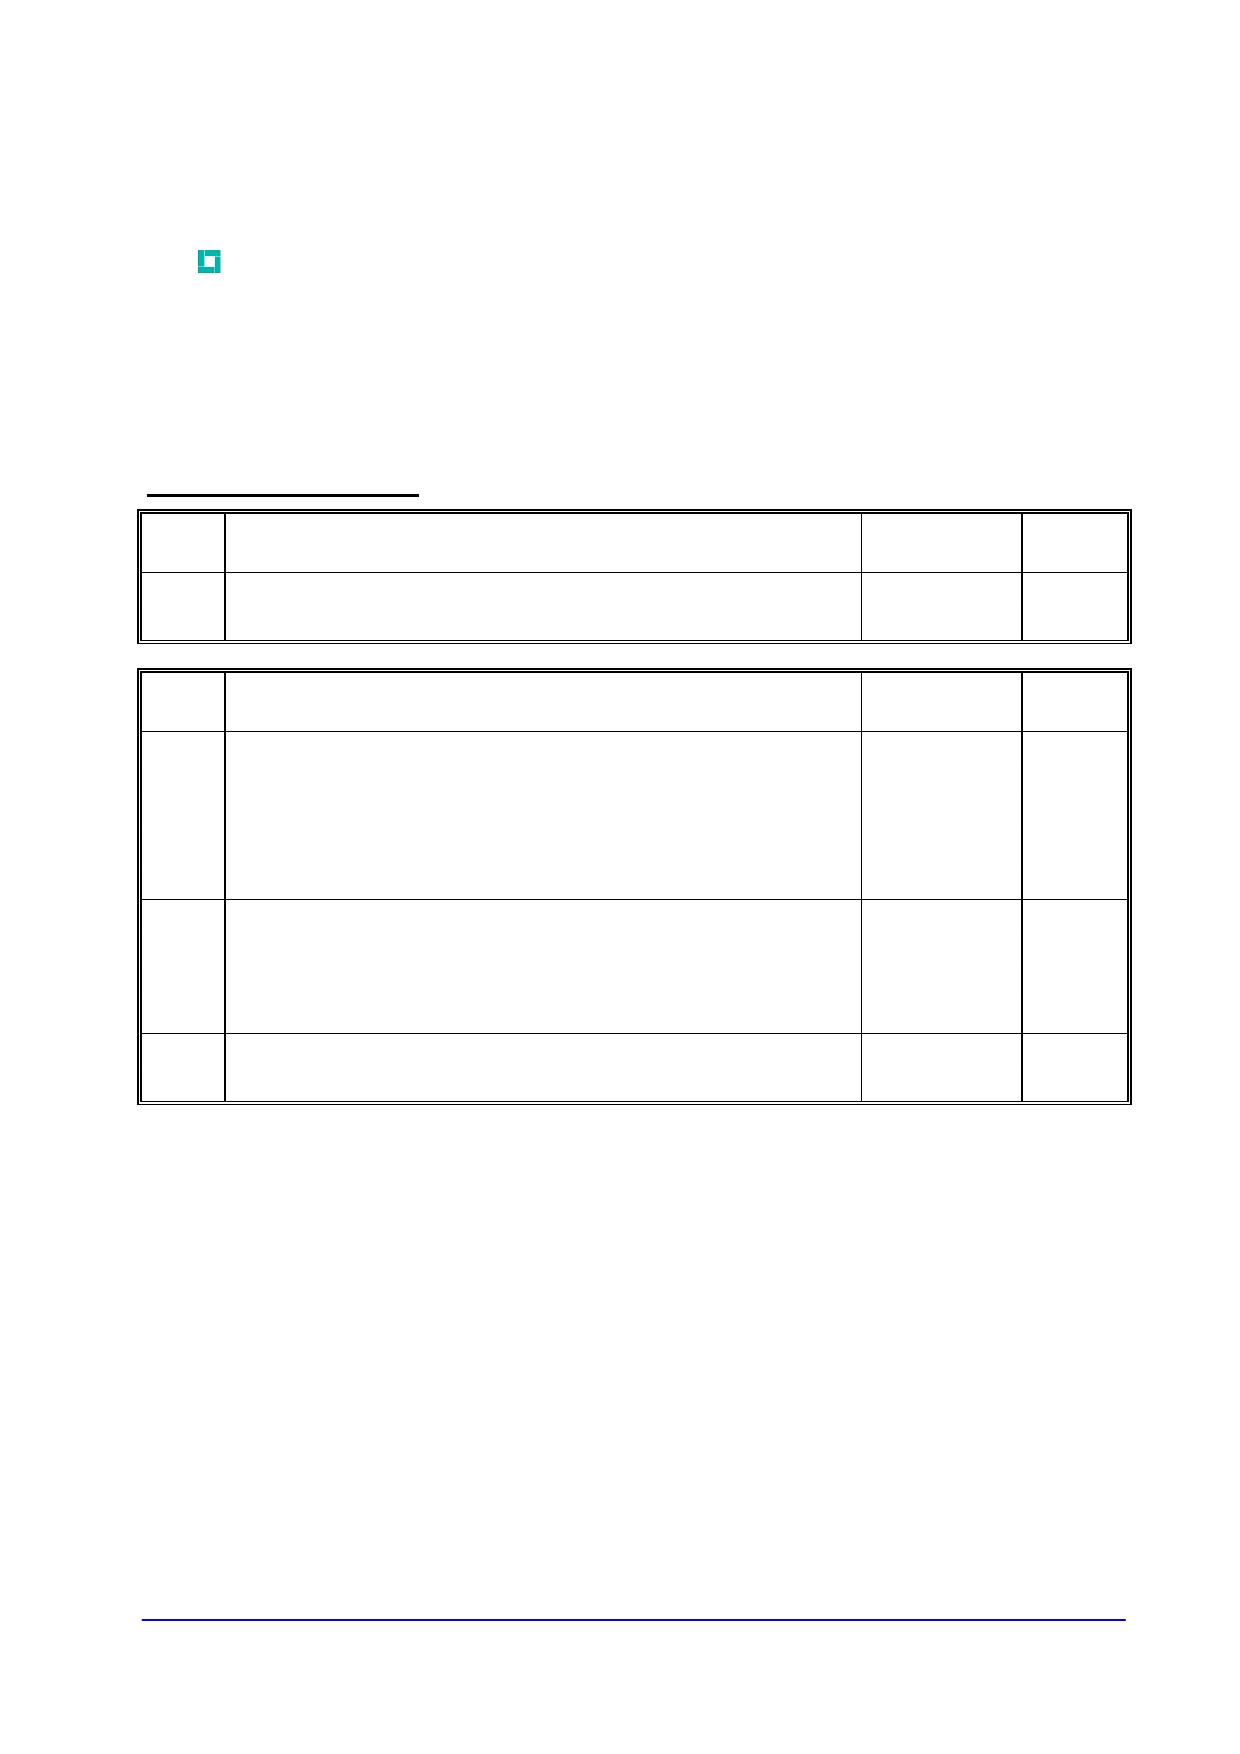 W4096ZY360 Datenblatt PDF